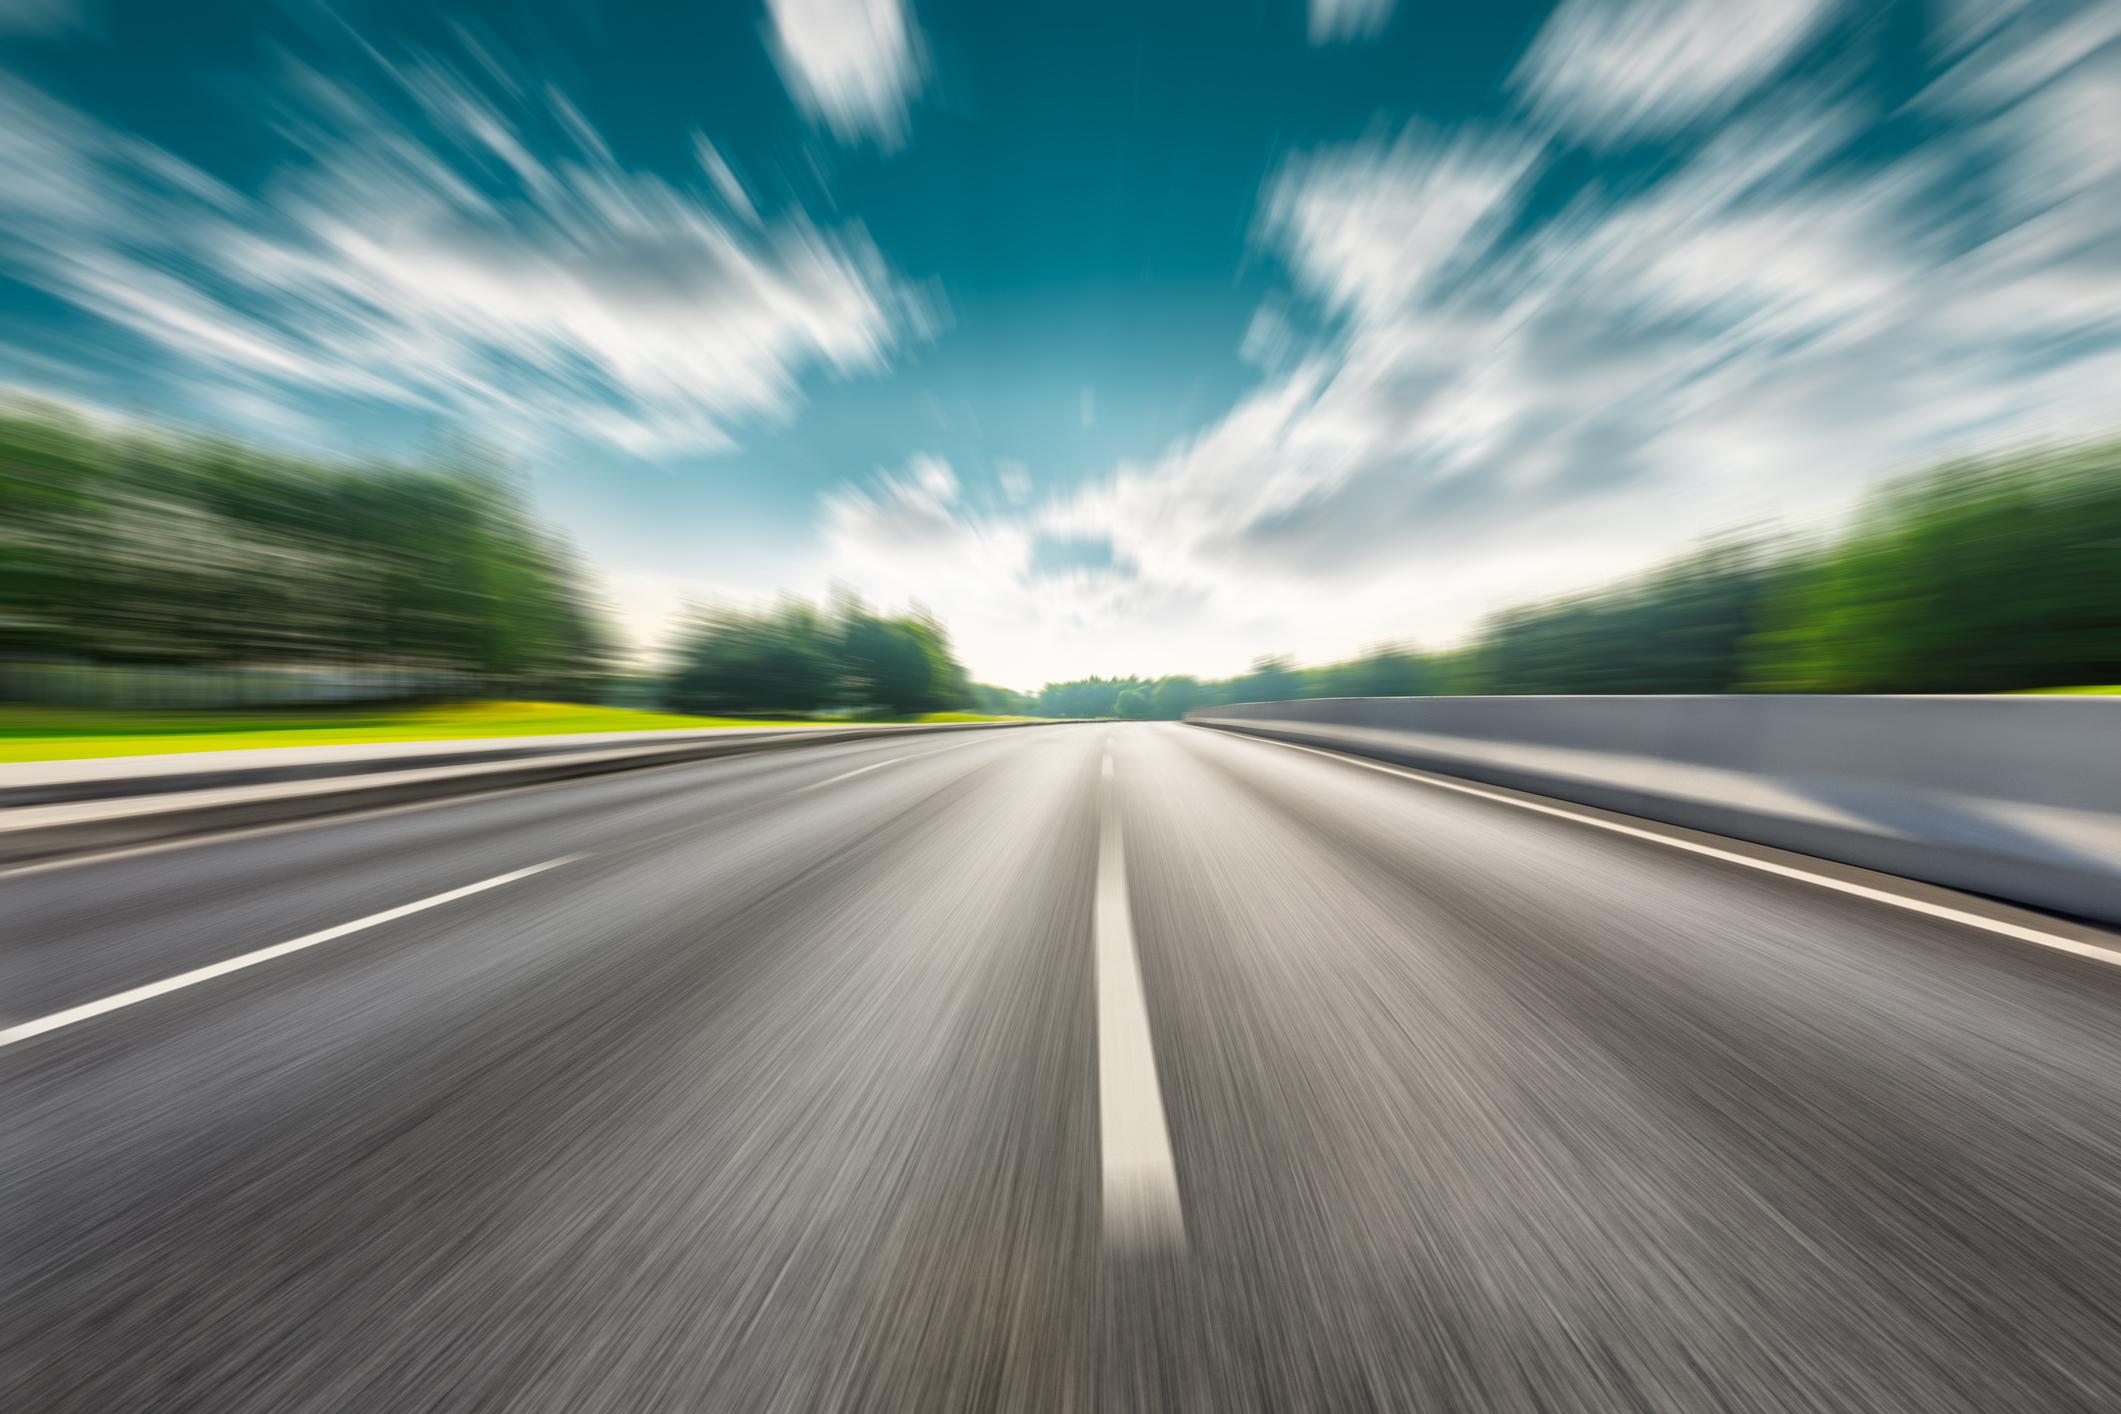 Mantida condenação de construtora por falta de lugar seguro para descanso de operários em rodovia